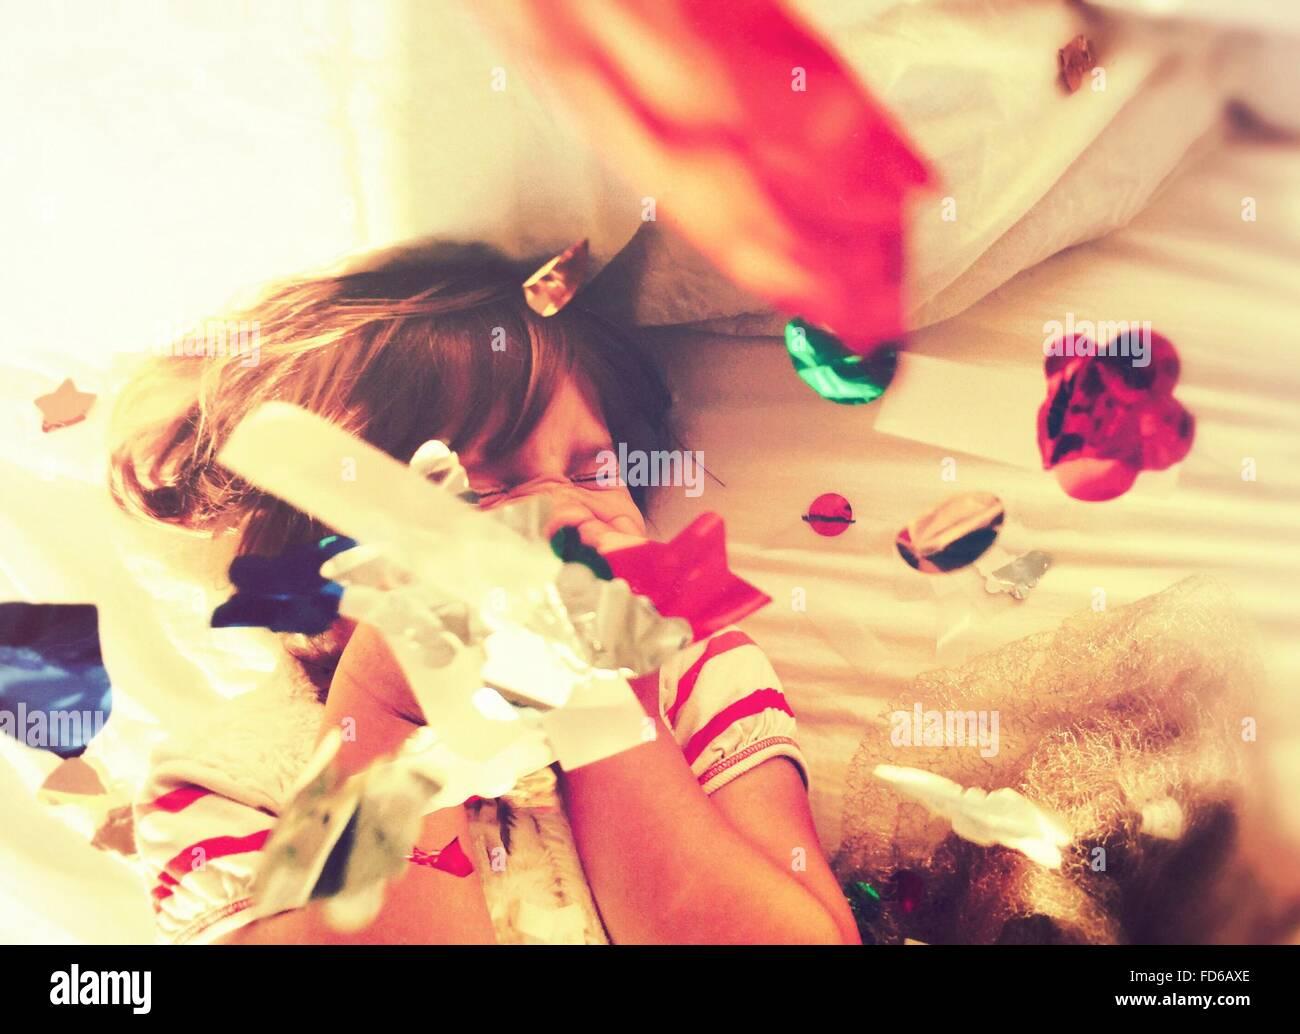 Chica acostada en la cama arrojando confeti y riendo Imagen De Stock